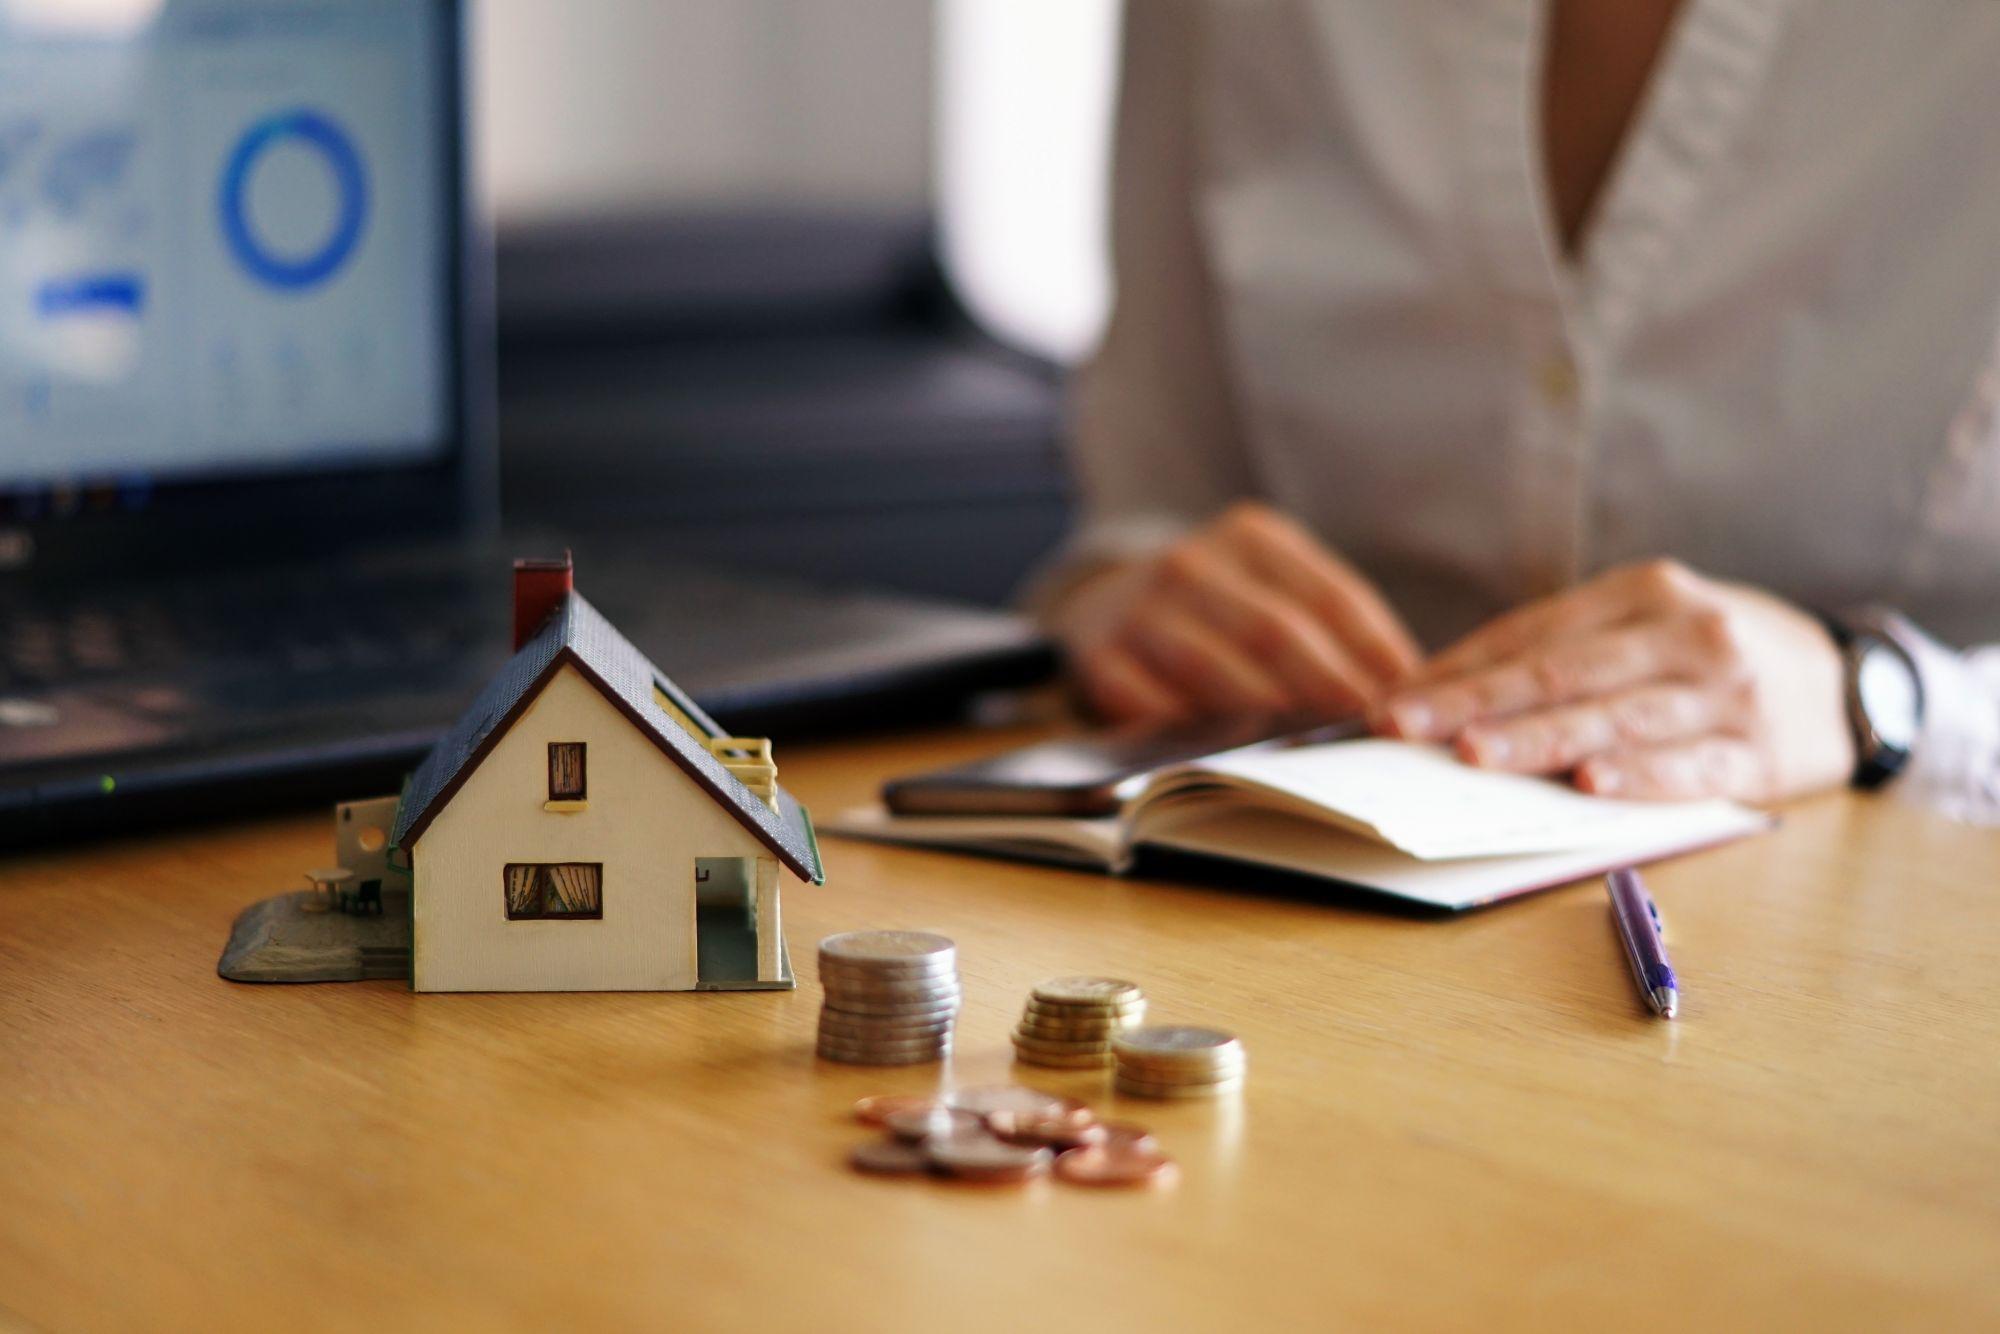 Stavebný úver na bývanie - na kúpu nehnuteľnosti alebo na výstavbu